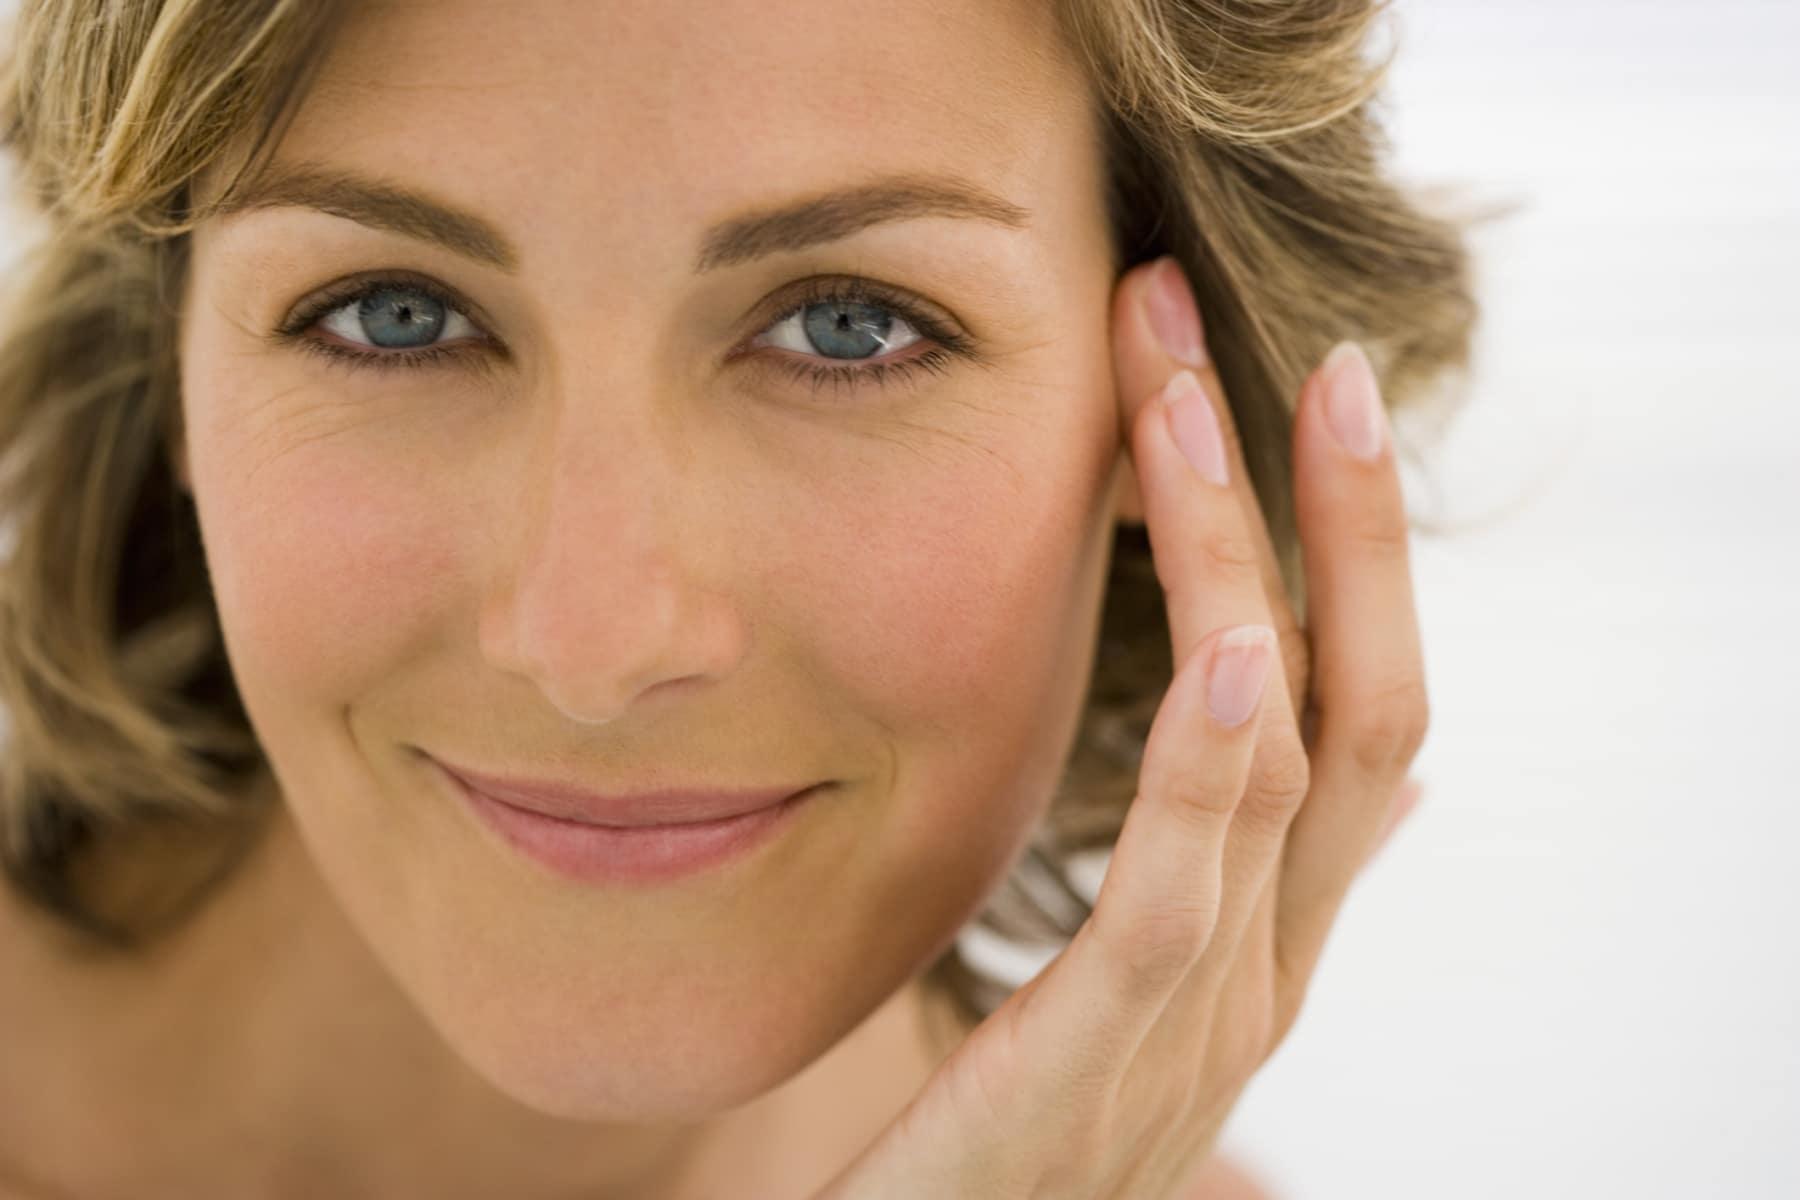 medicina estética facial bienestetic